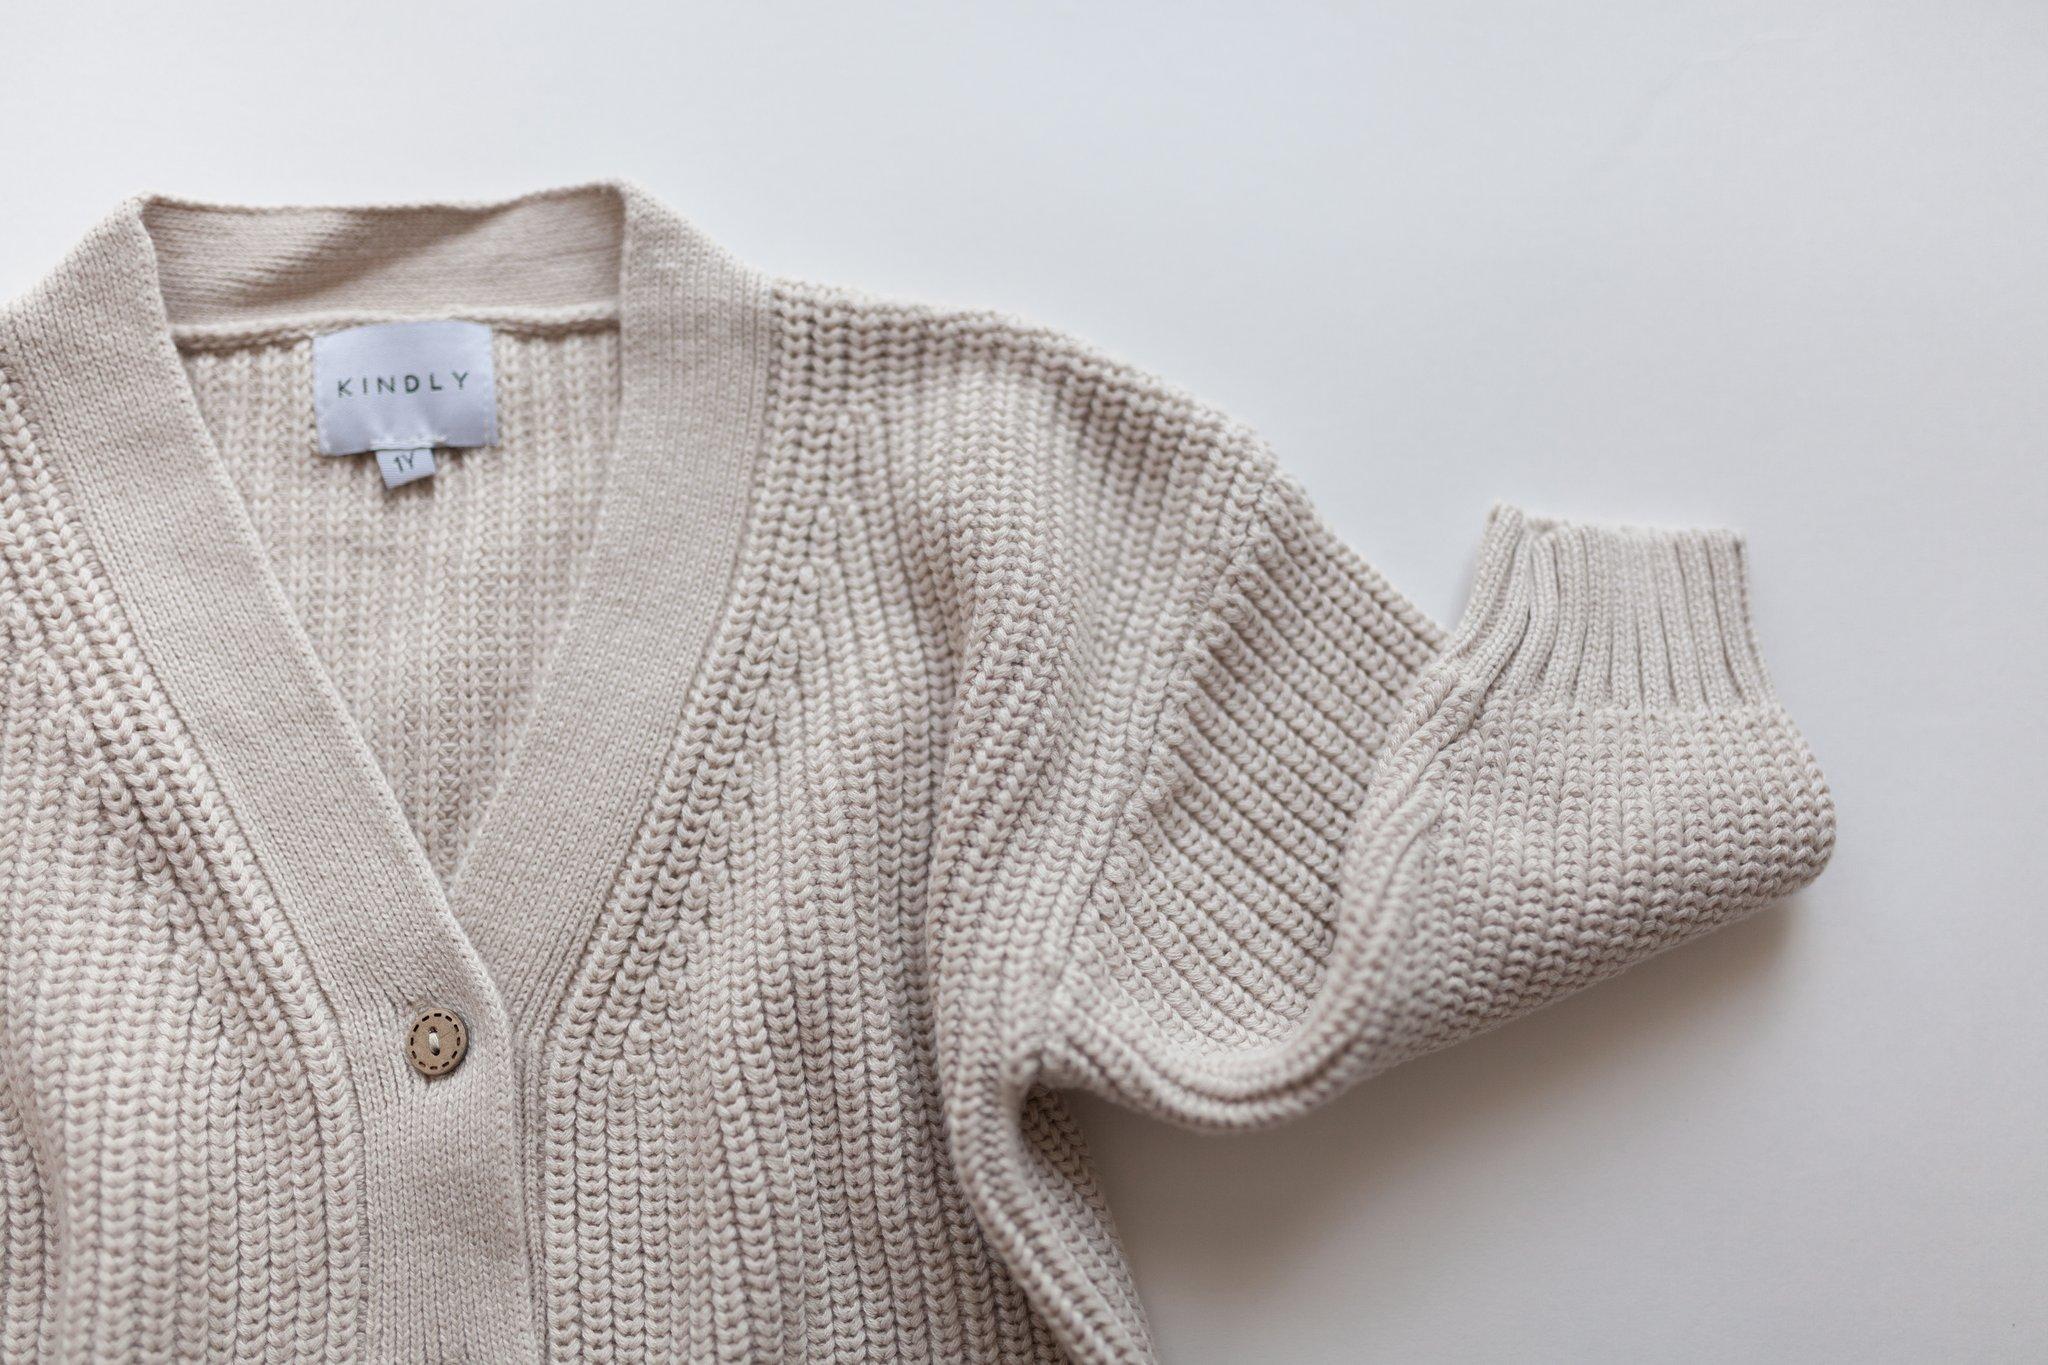 KINDLY (Tidligere Fieldday) Chunky knit cardigan